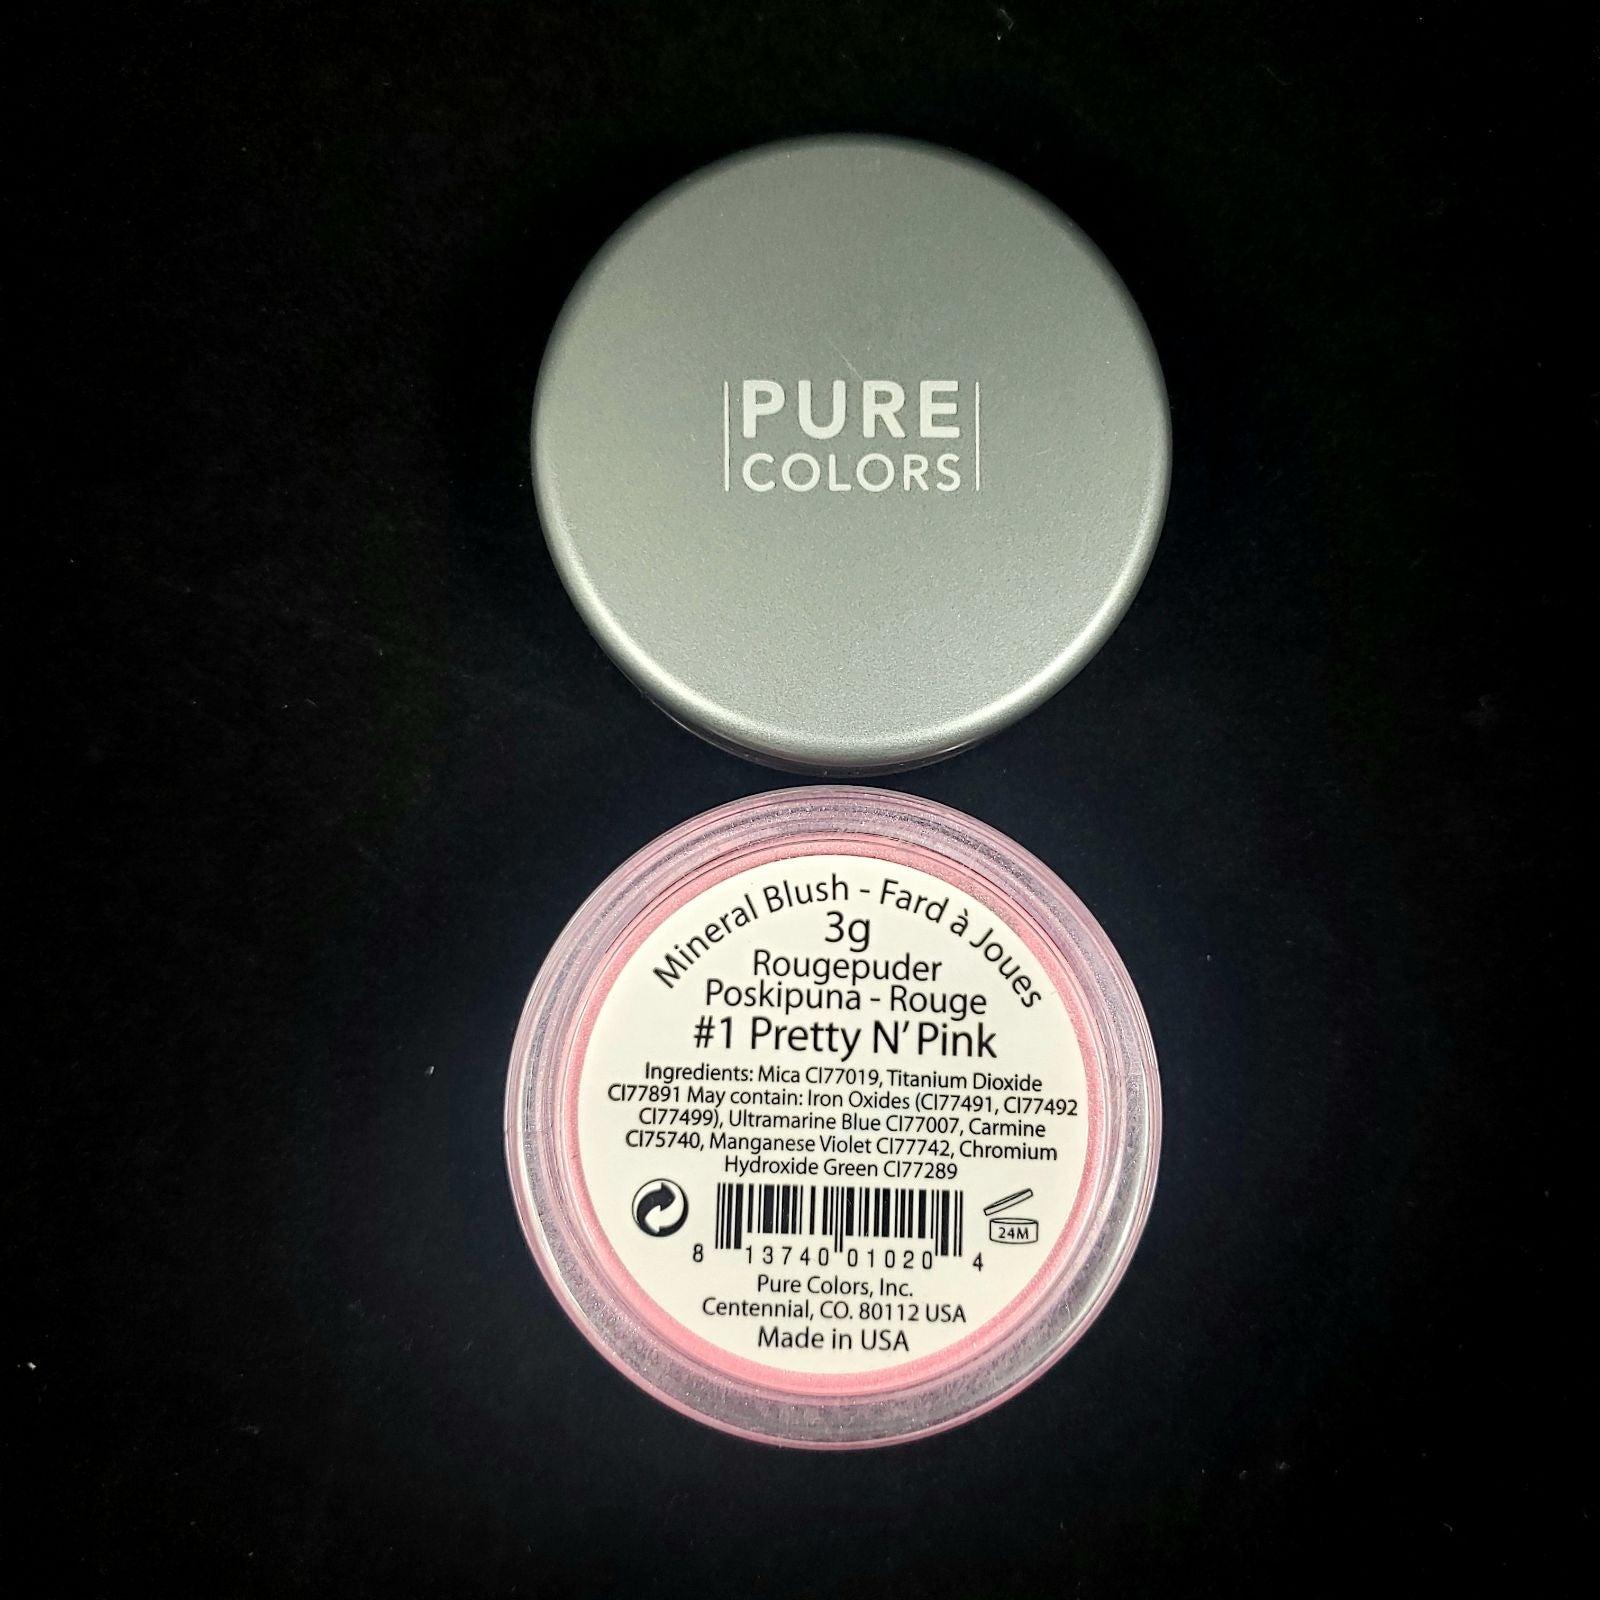 Pure Color #24 Starlight Mineral Blush